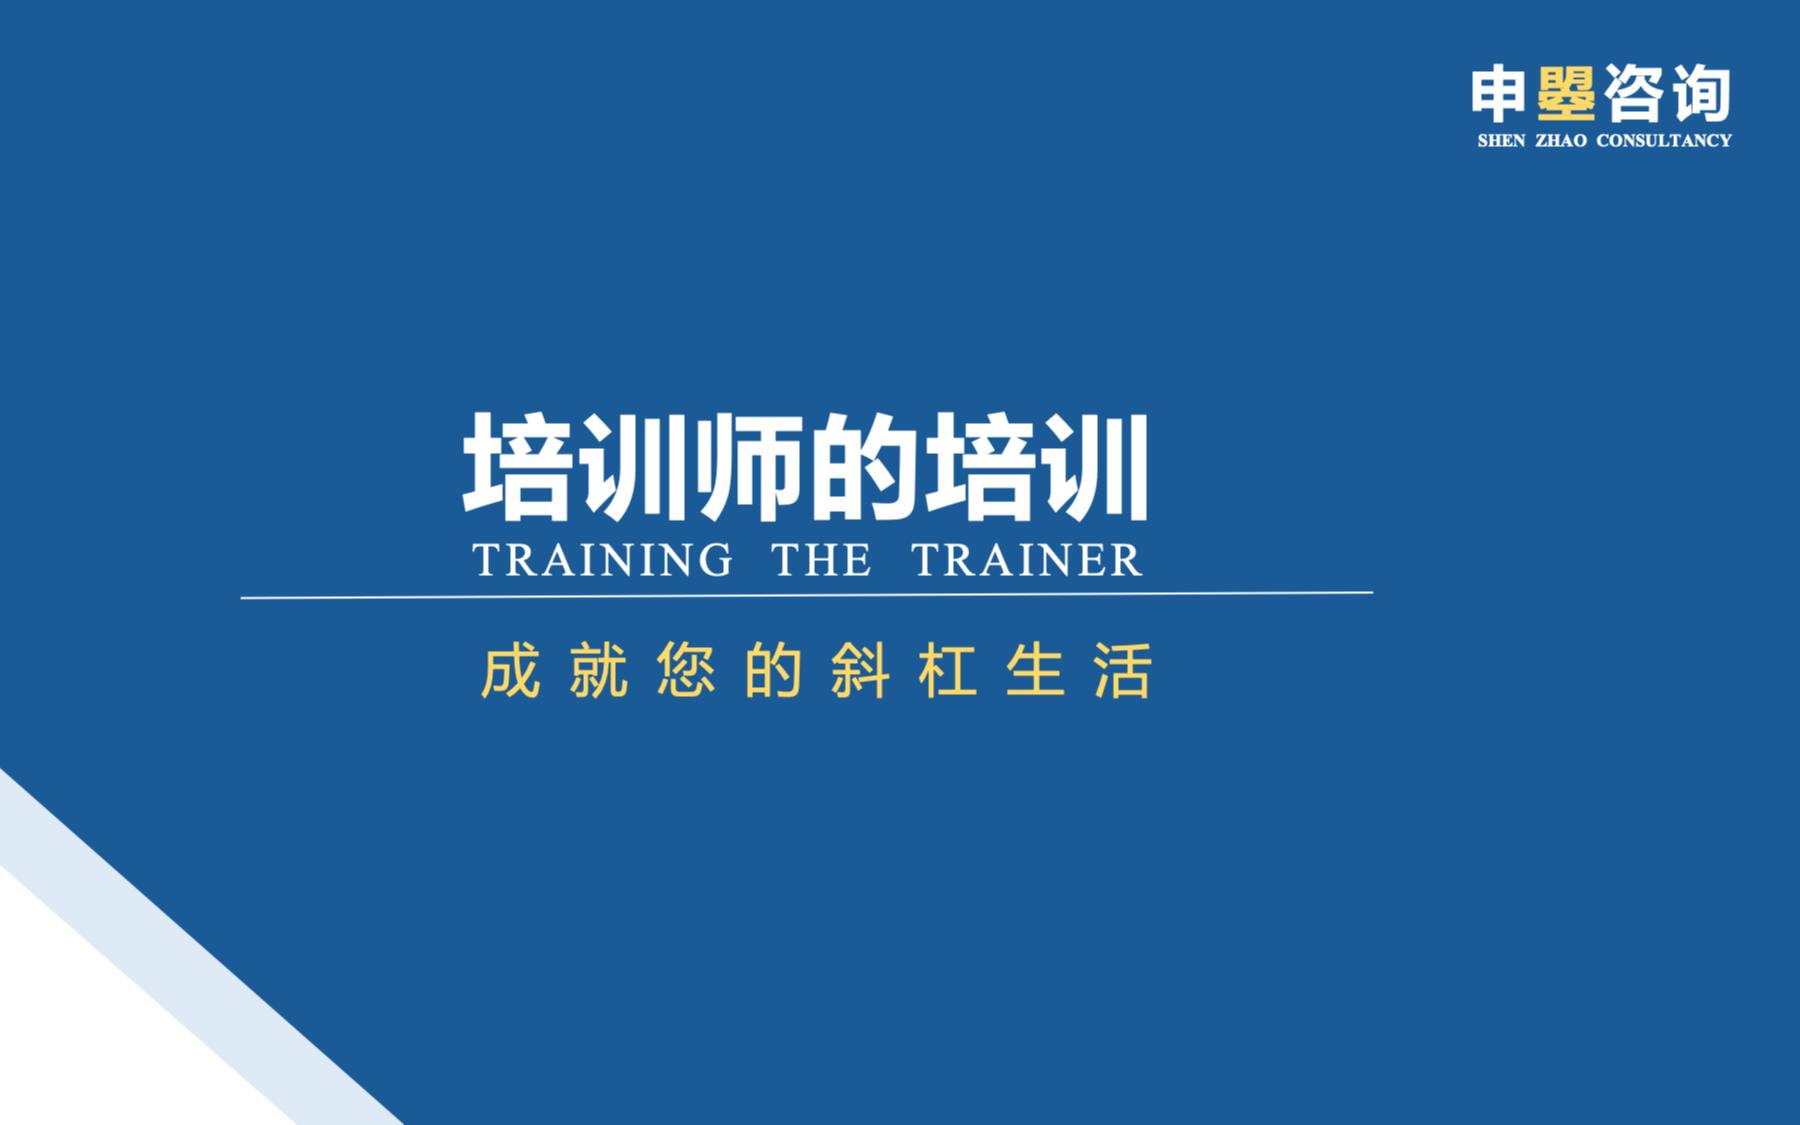 2020成就您的斜杠生活——《培訓師的培訓》(上海)